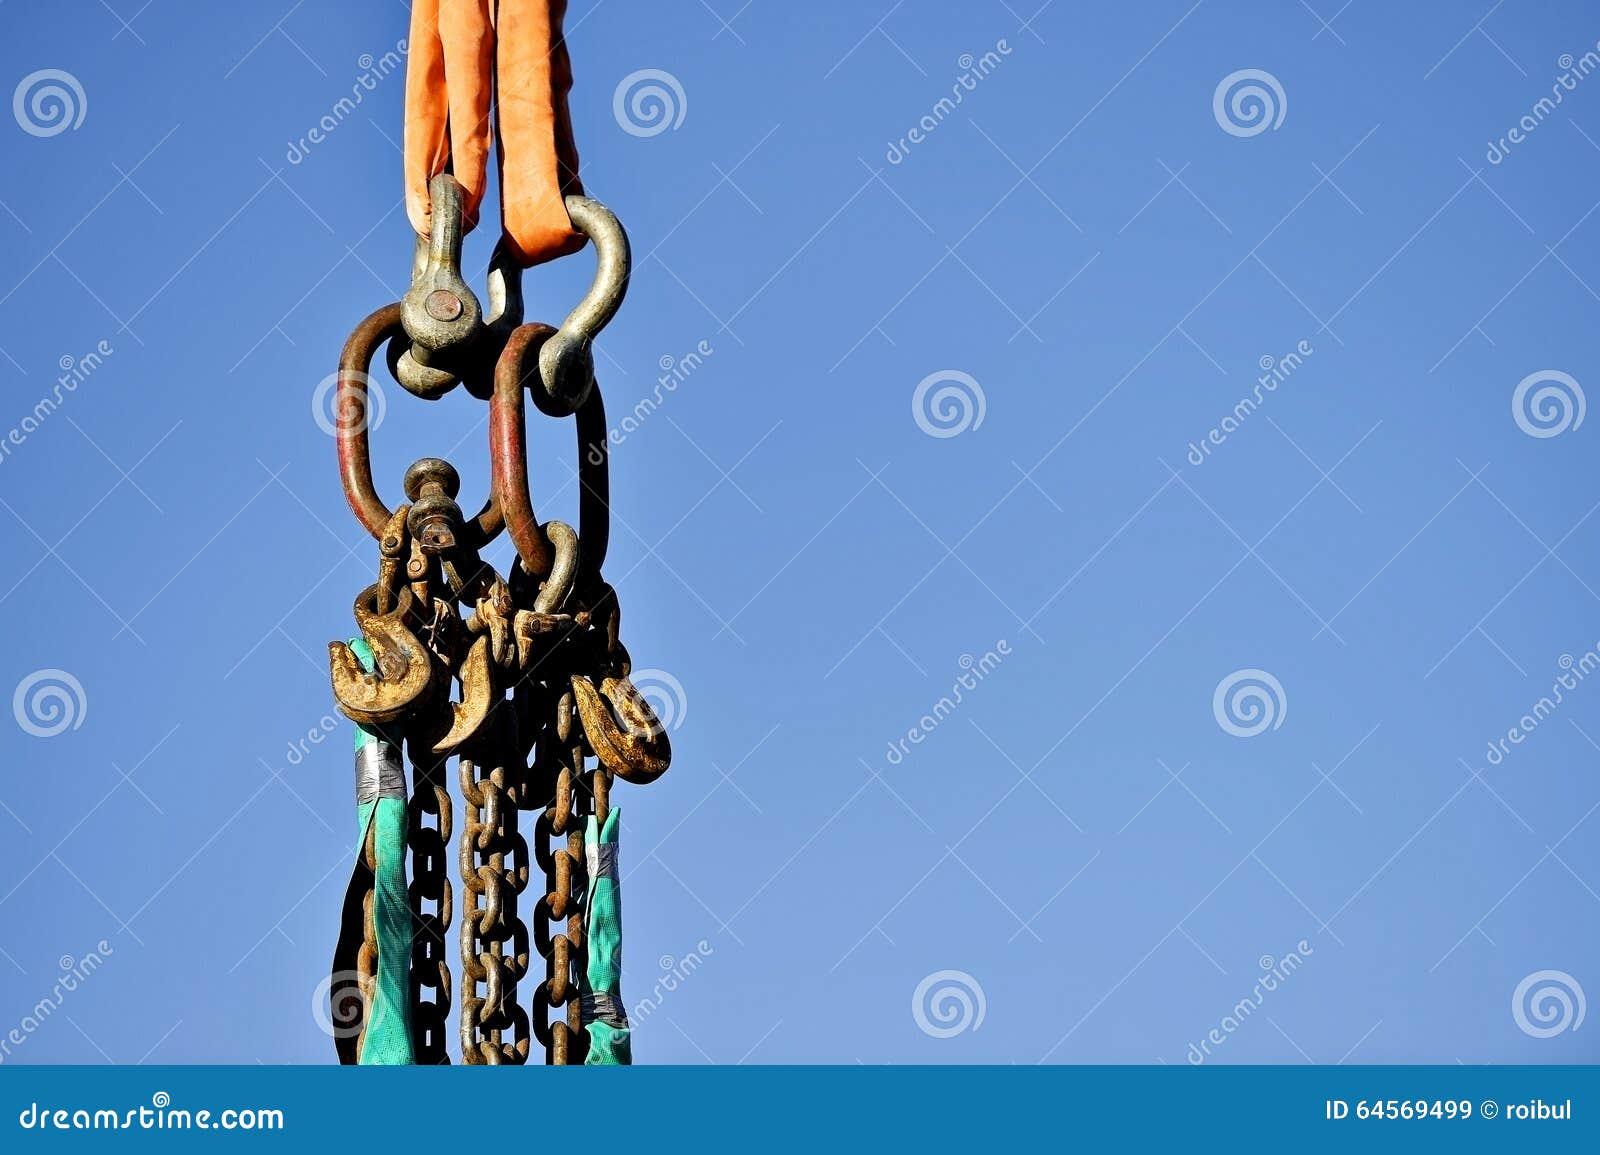 Industriële Ketting En Haken Stock Afbeelding Afbeelding Bestaande